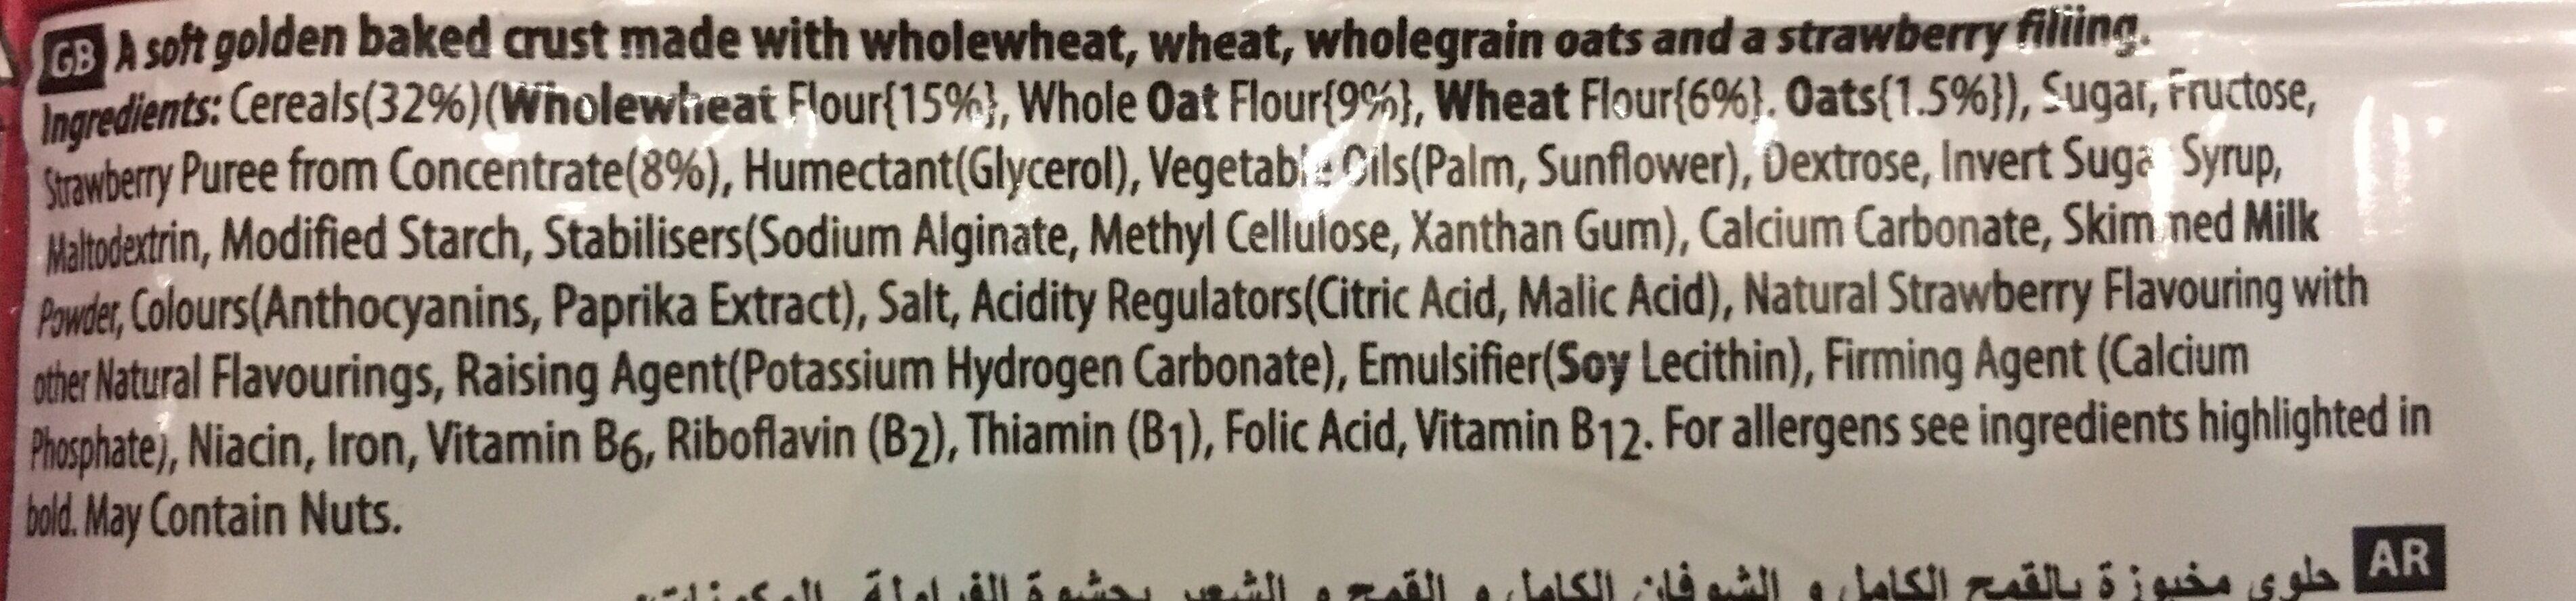 Nutri-grain Strwberry37g - Product - fr